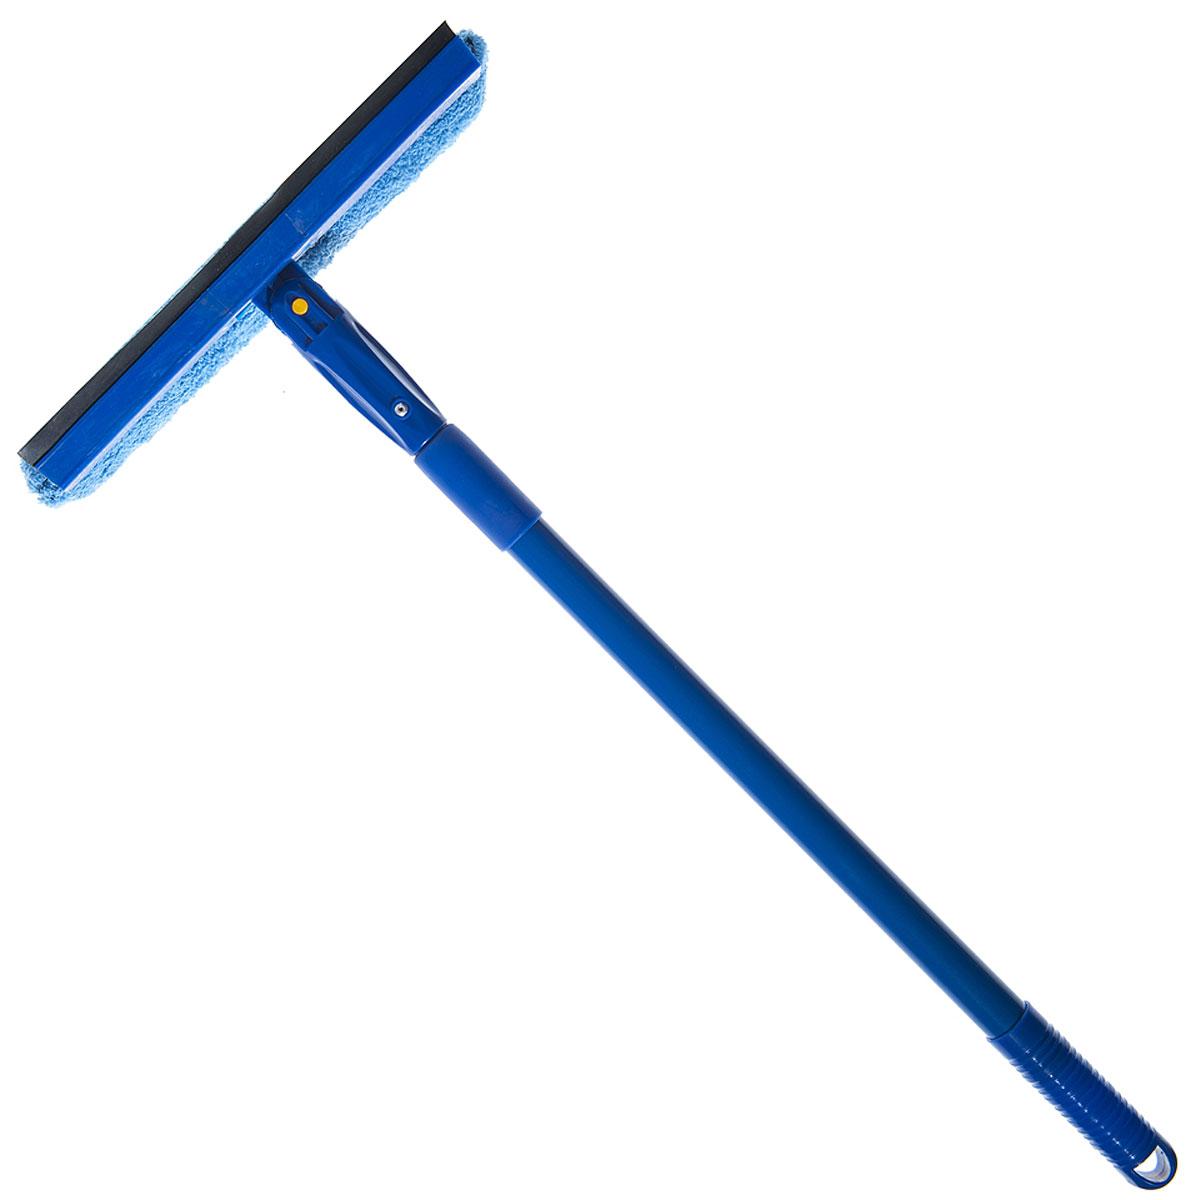 Стеклоочиститель HomeQueen, поворотный, с телескопической ручкой, цвет: синий70066Насадка из микрофибры 25 cм, телескопическая металлическая ручка 40-80 см, поворотная голова.